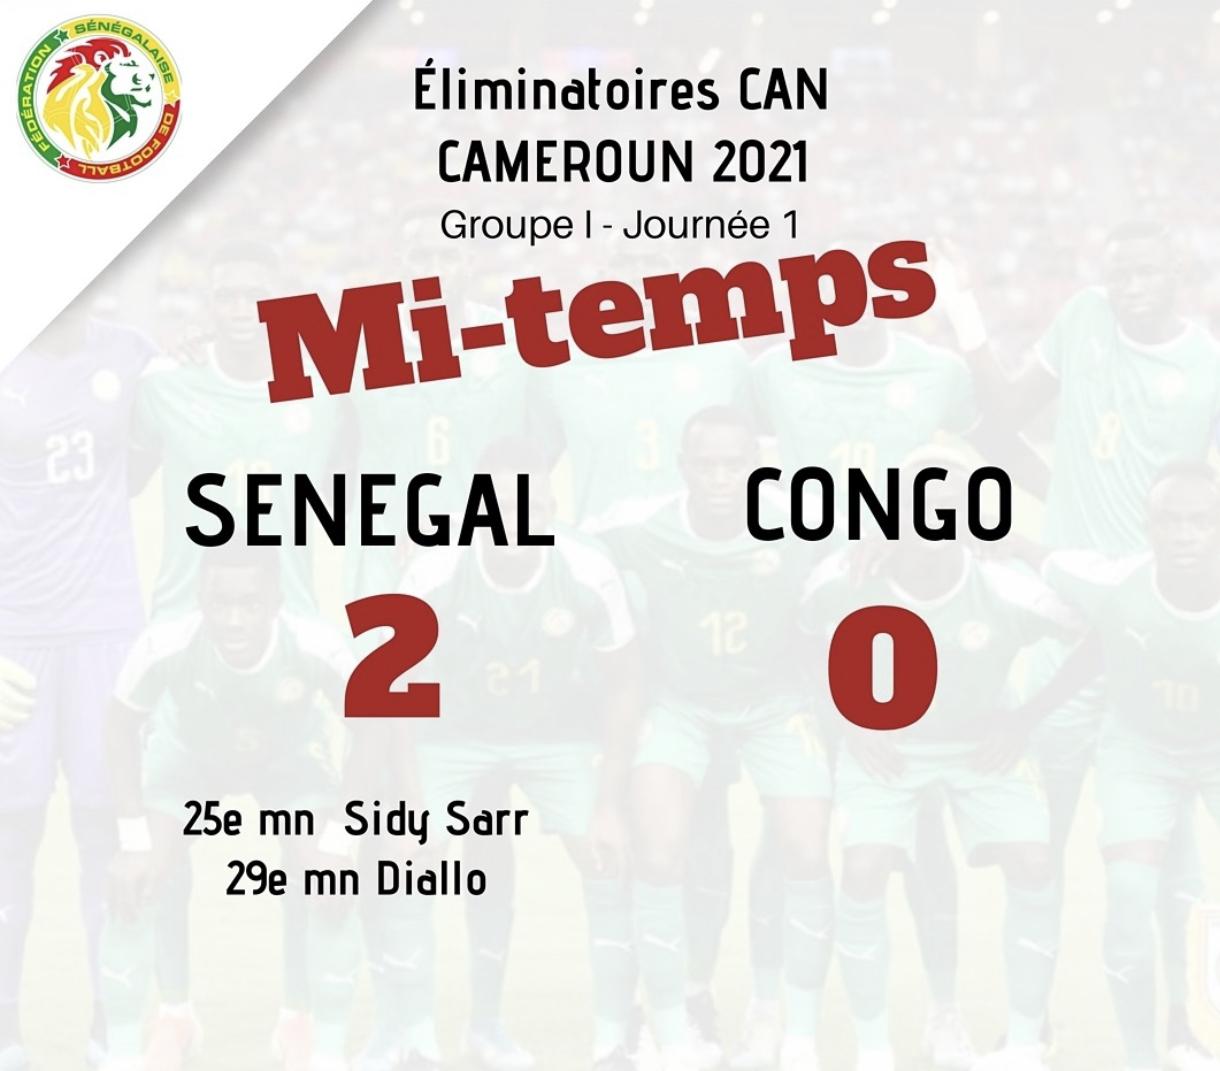 """Sénégal - Congo Brazzaville : Les """"Lions"""" mènent 2-0 à la pause, grâce à des buts de Sidy Sarr et de Habib Diallo"""